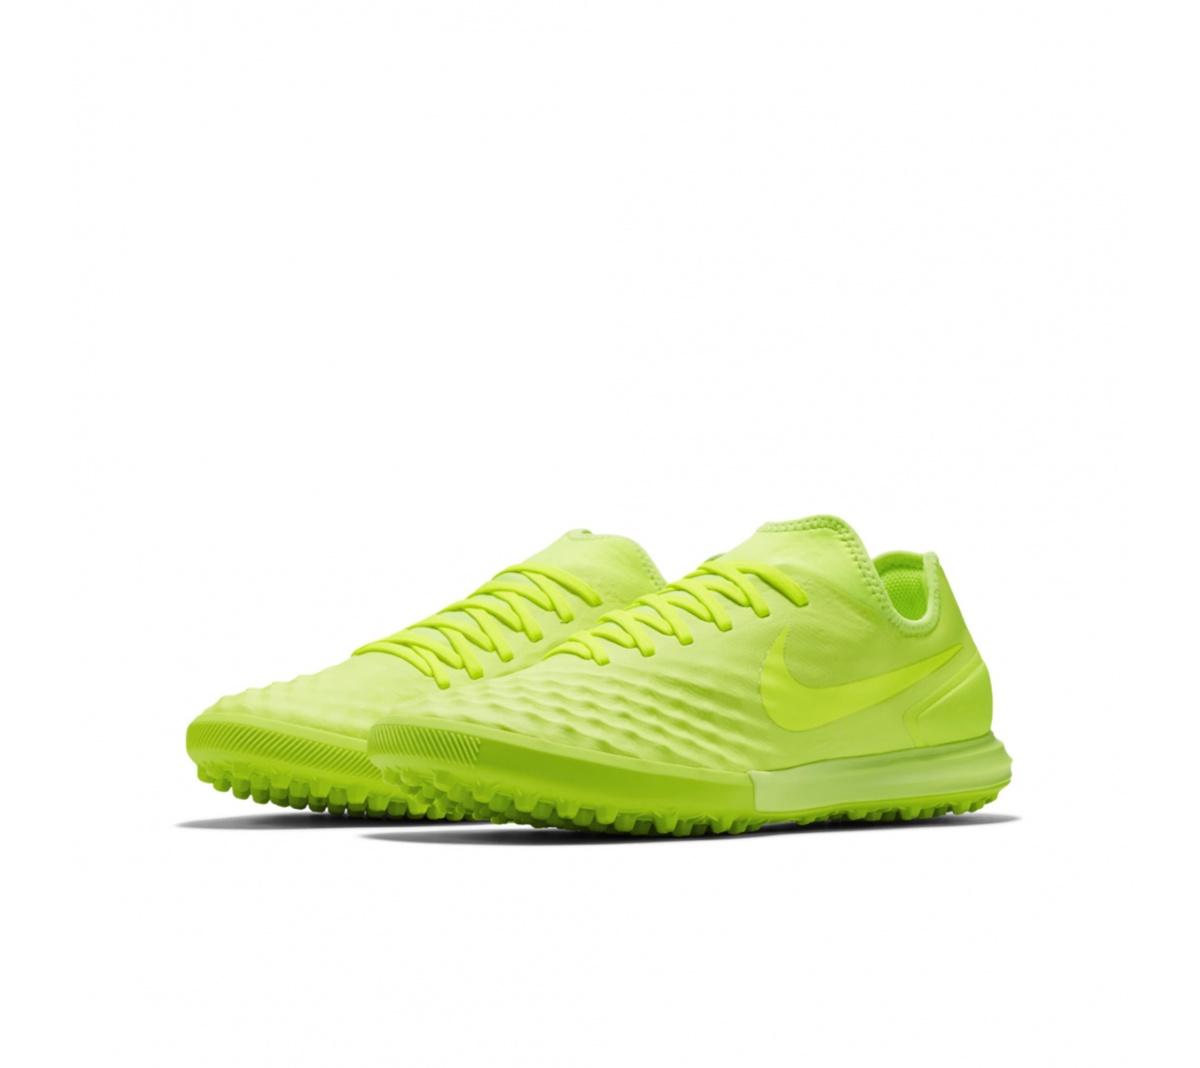 ... Chuteira Nike Magistax Finale Society New Verde Limão com Branco ... e0e111fe5e051